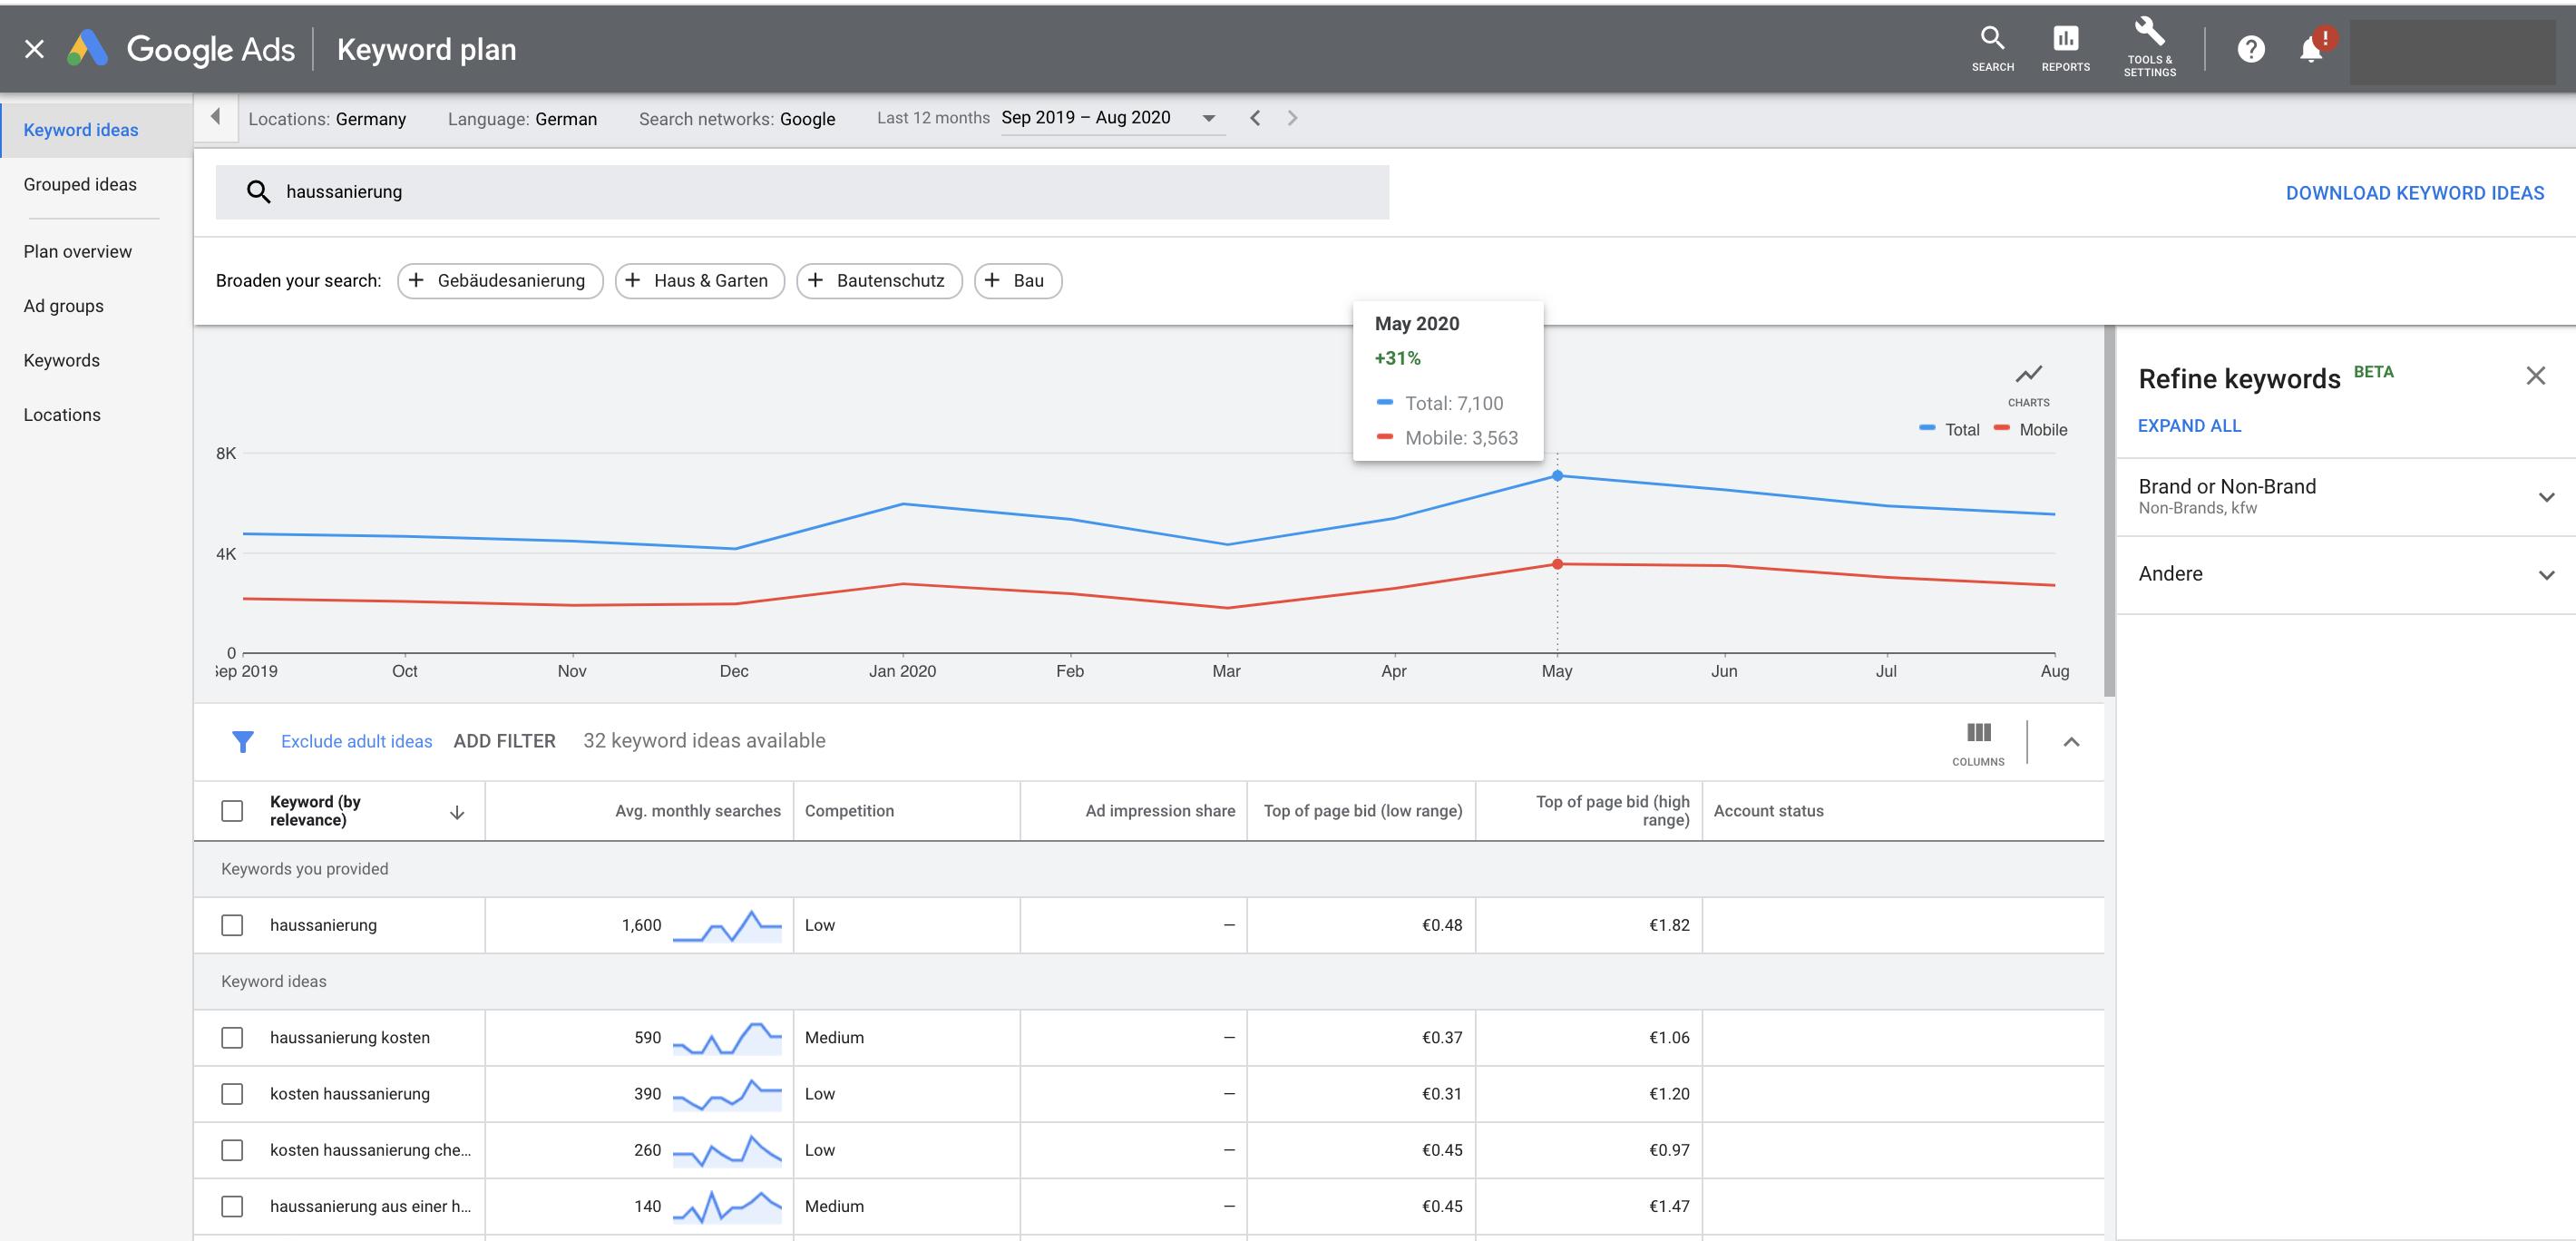 Ergebnisse zum Keyword Haussanierung bei ausreichend aktivem Werbebudget